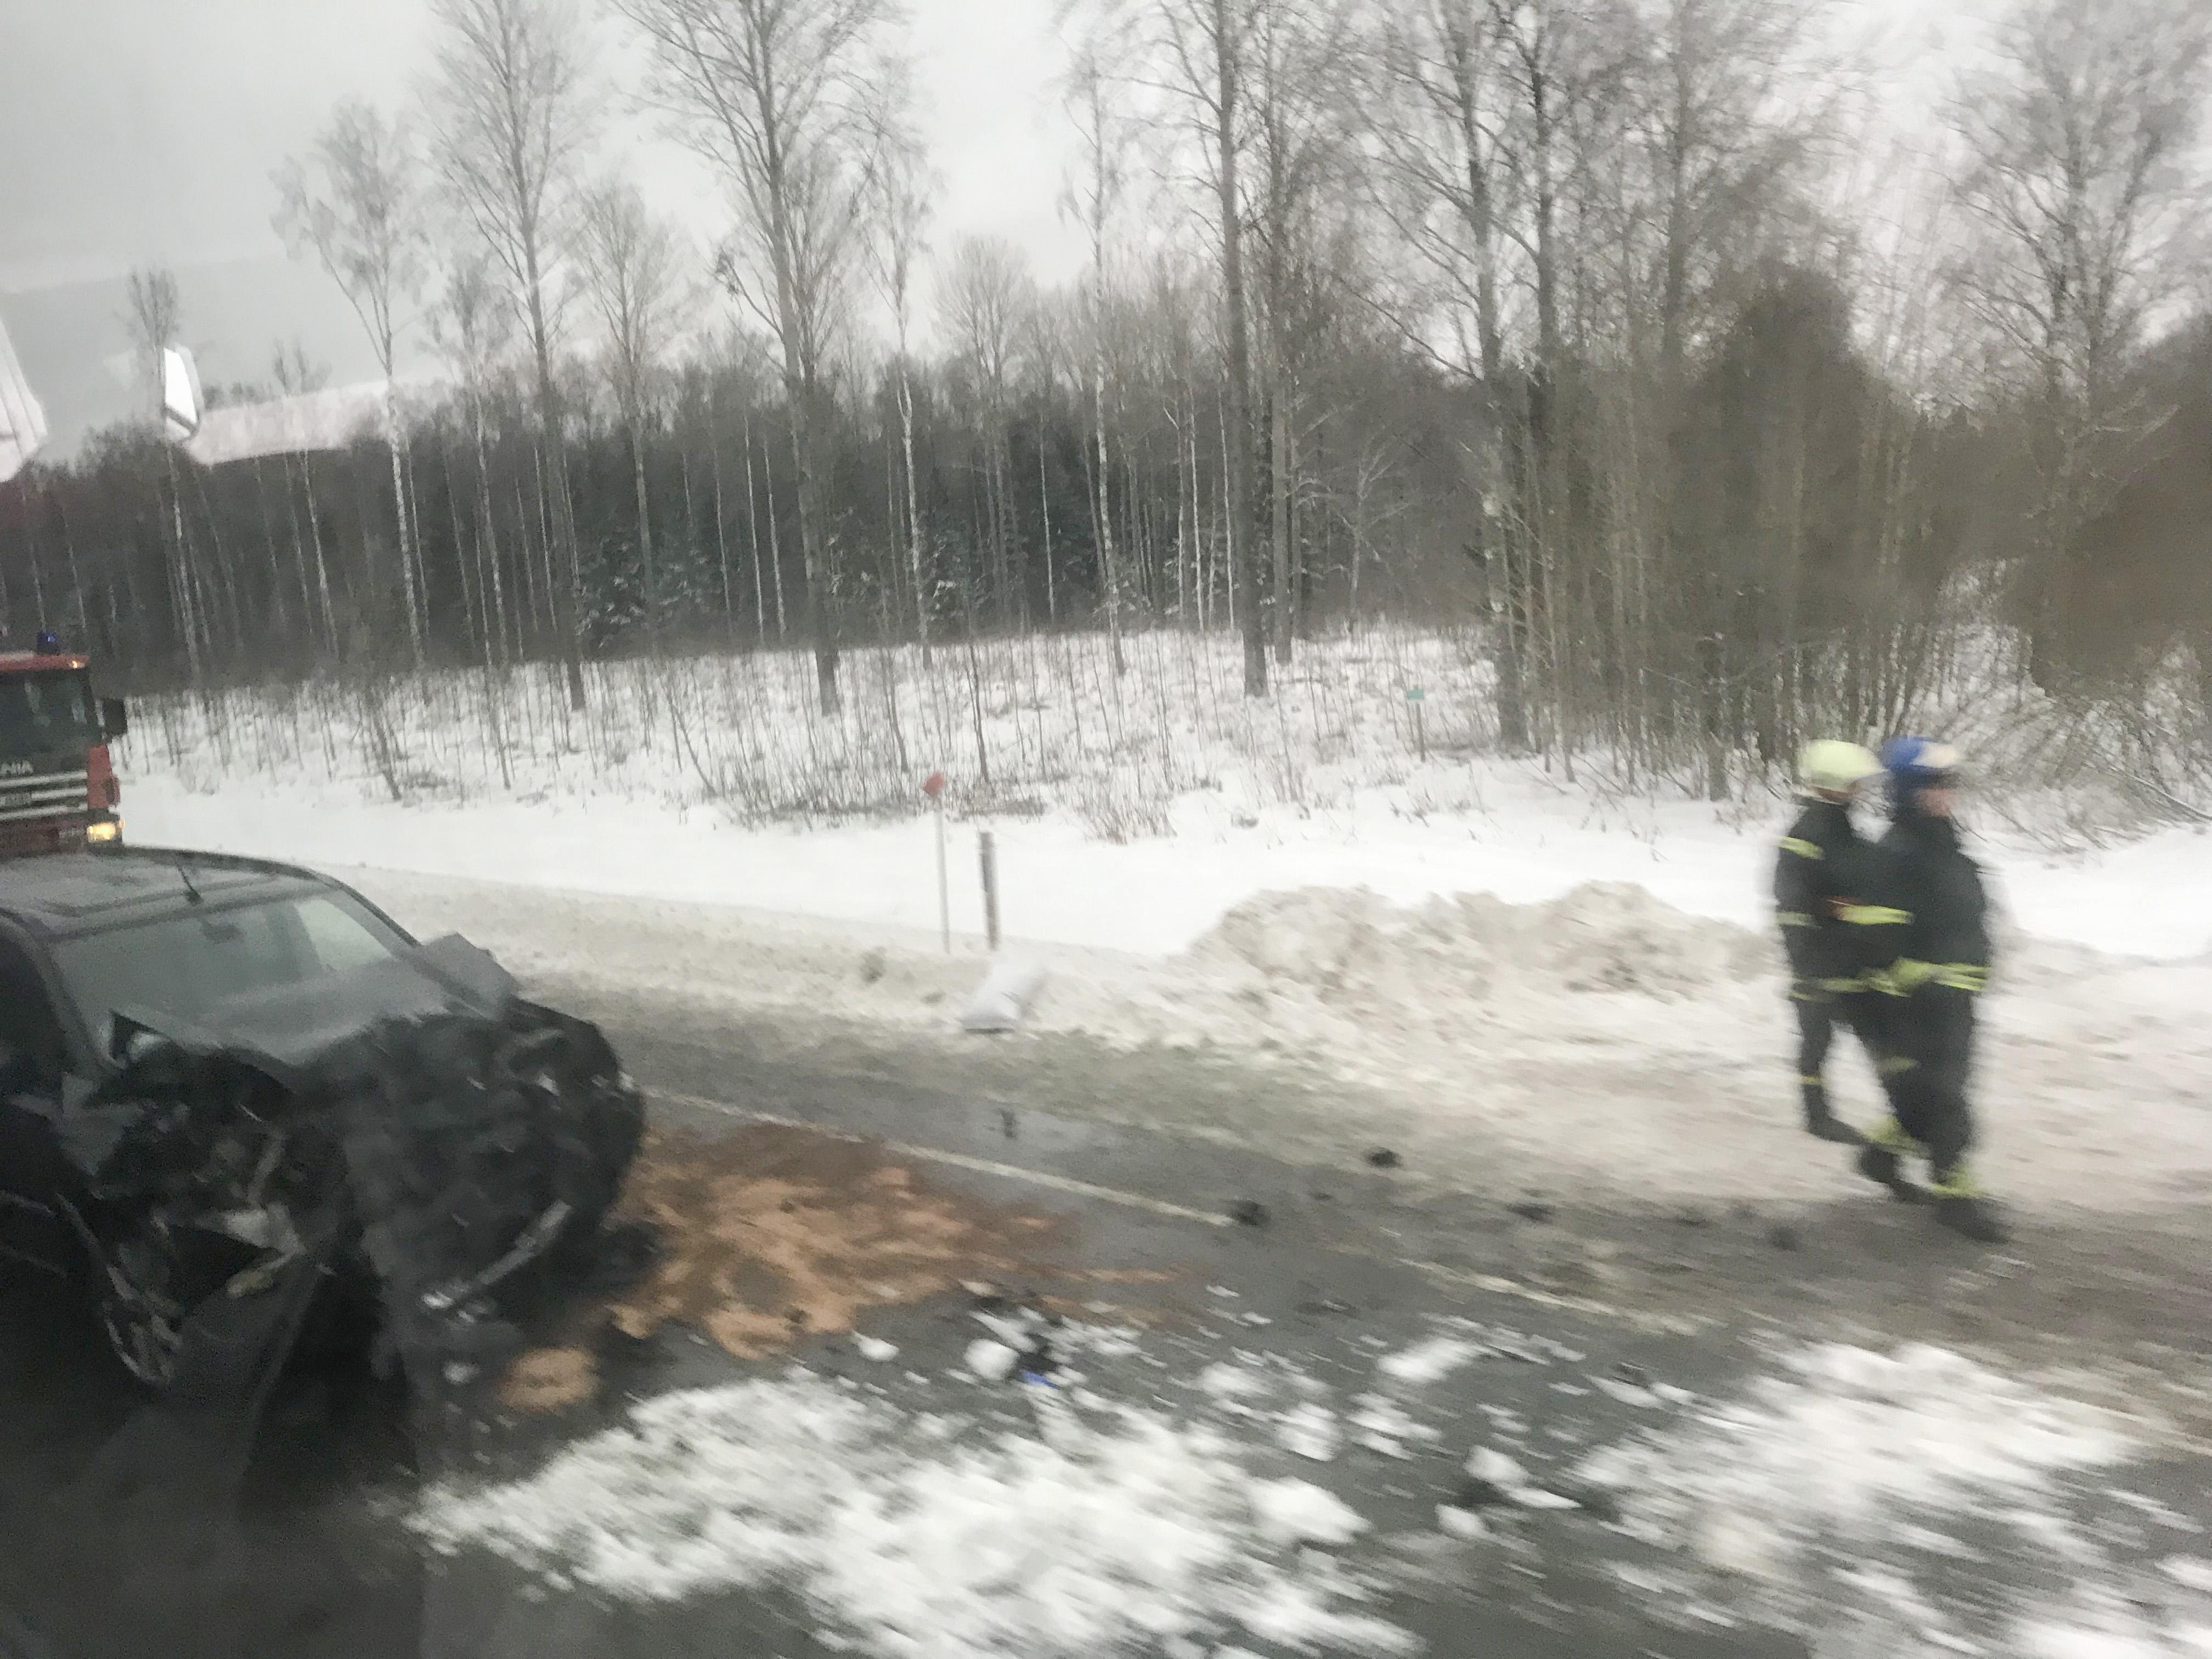 55b486c3bf2 PILDID: Uus avarii Tallinna maanteel Laeva ligidal - Lõunaeestlane